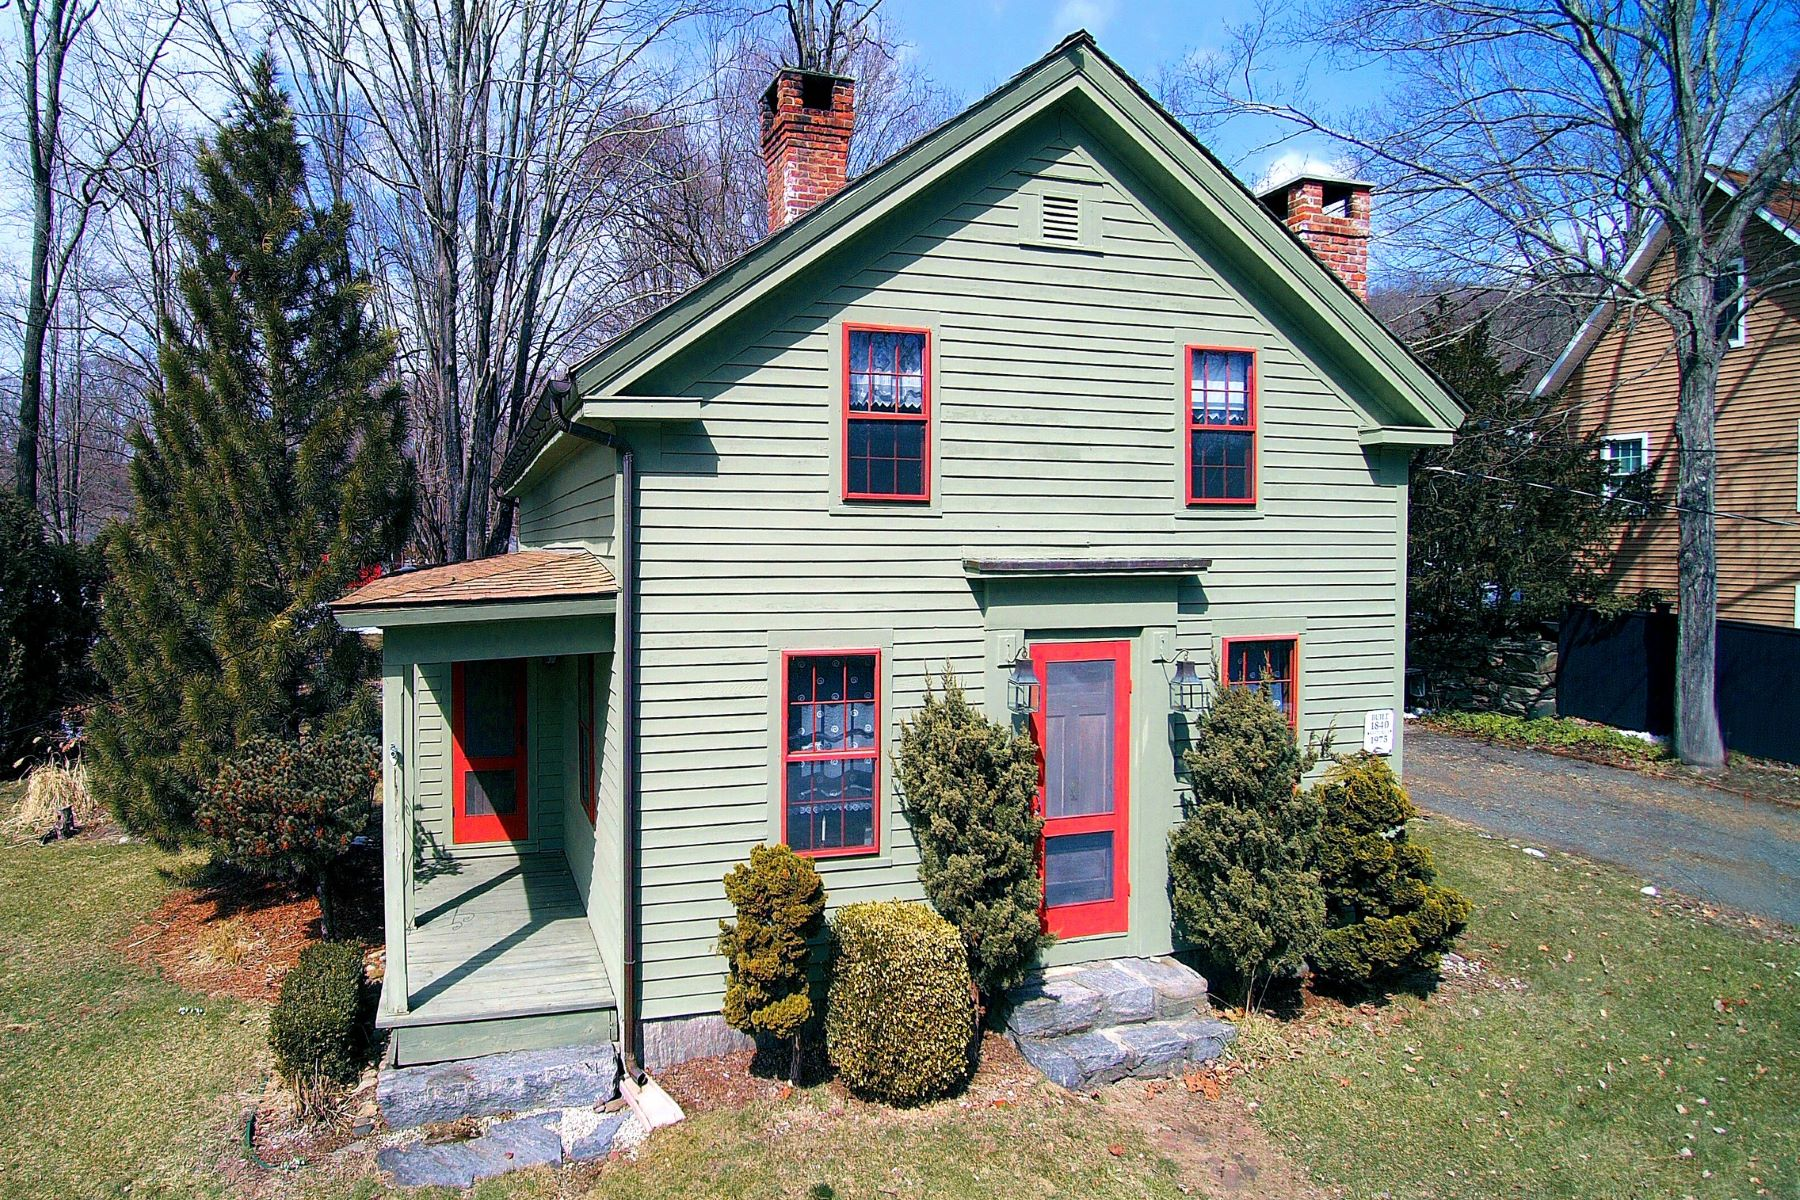 Частный односемейный дом для того Продажа на True Gem Built in 1840 236 Quassuk Road Woodbury, Коннектикут 06798 Соединенные Штаты